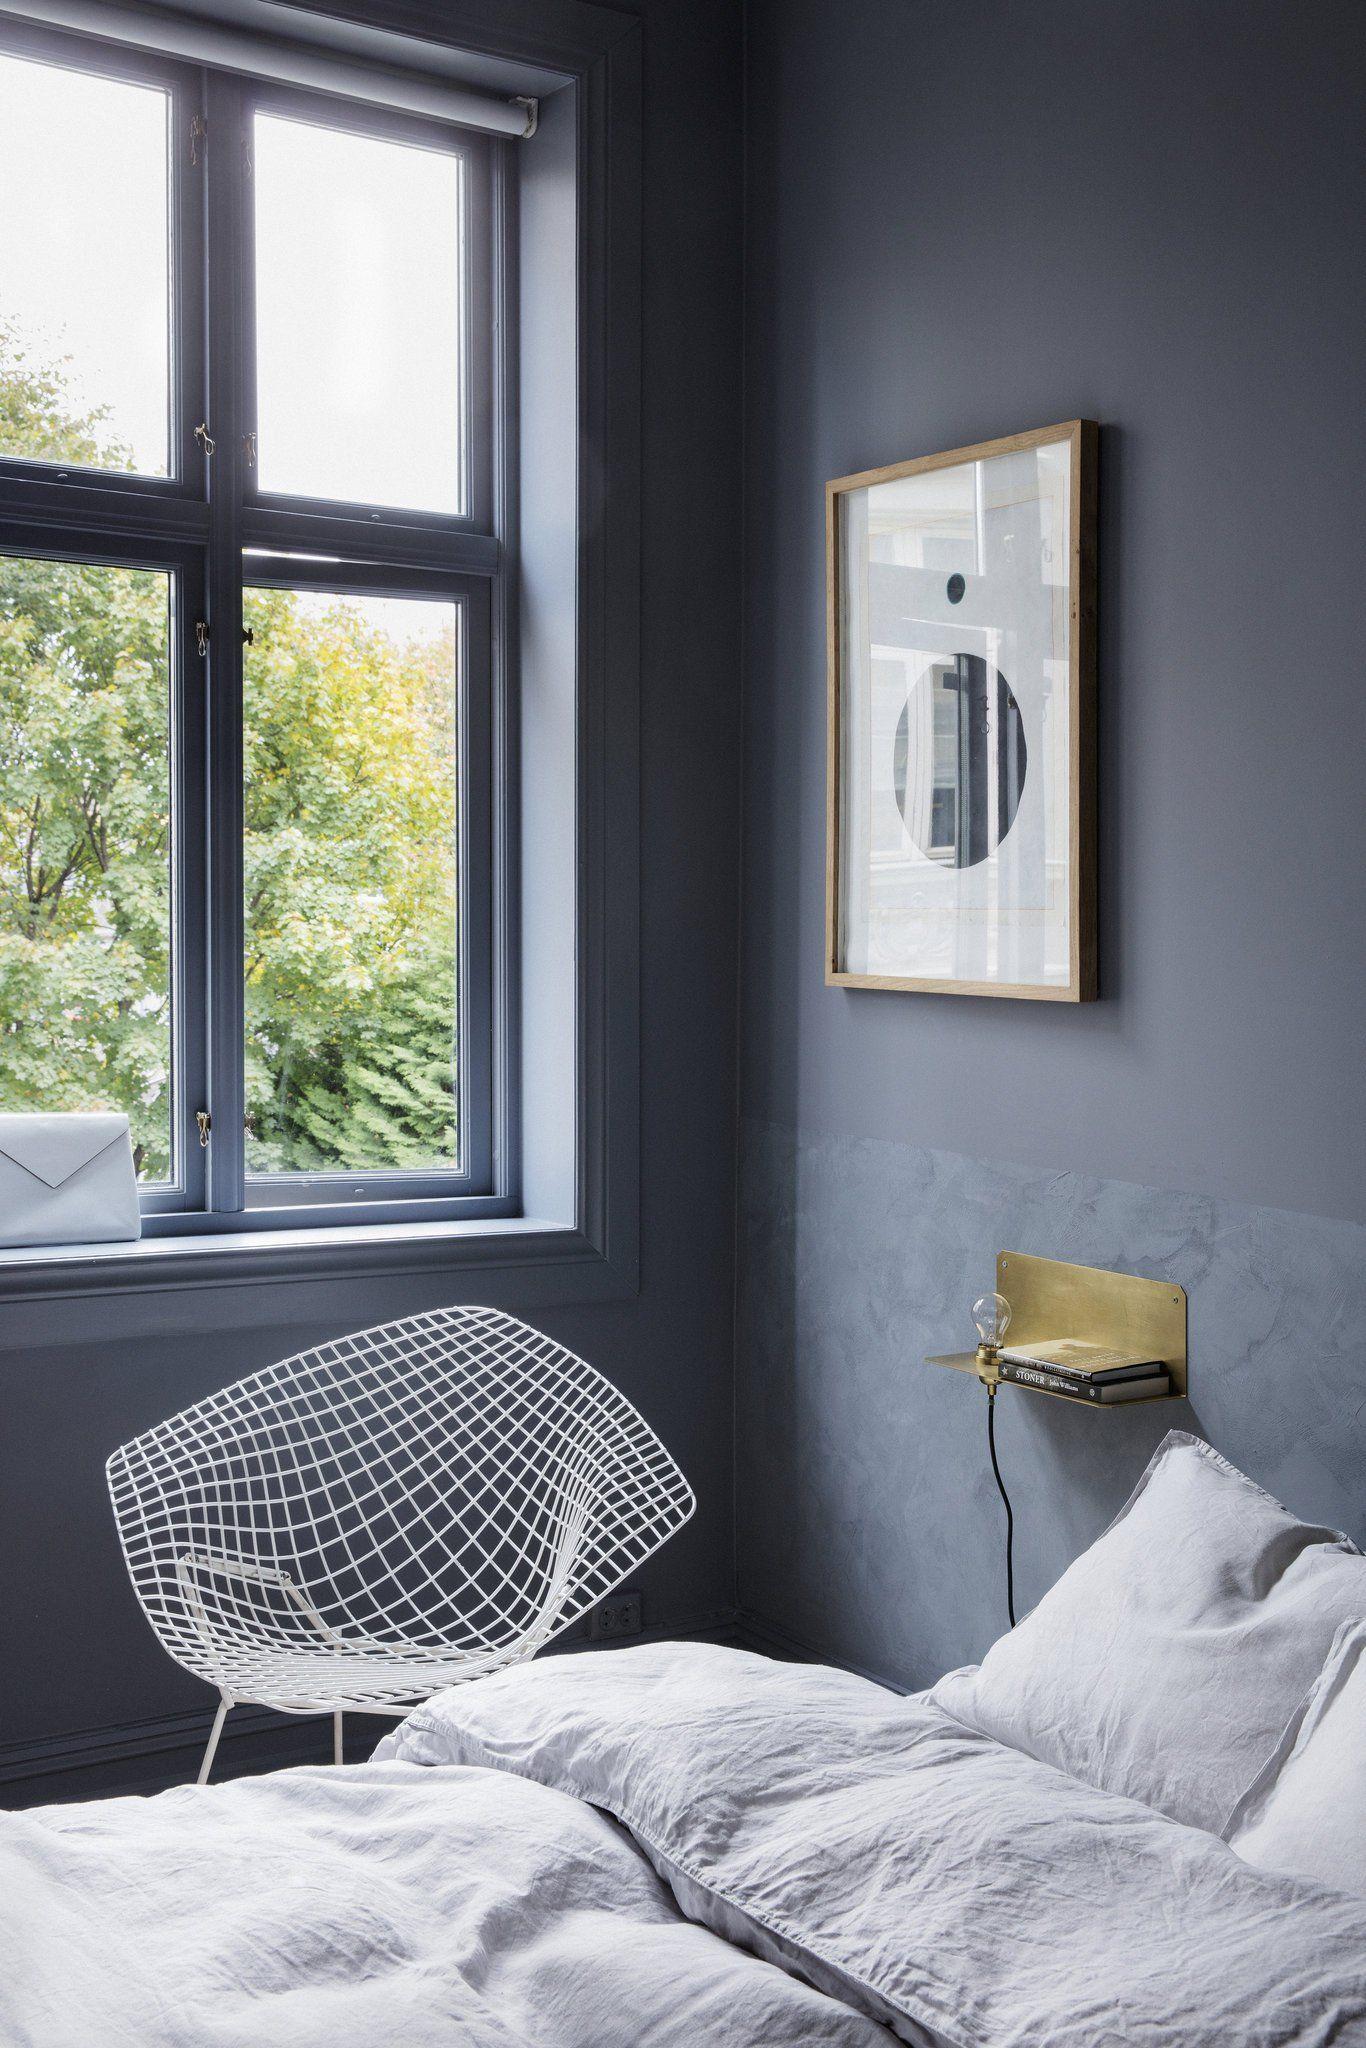 13 mẫu ghế cho phòng ngủ khiến bạn thậm chí còn yêu ghế hơn giường - Ảnh 10.